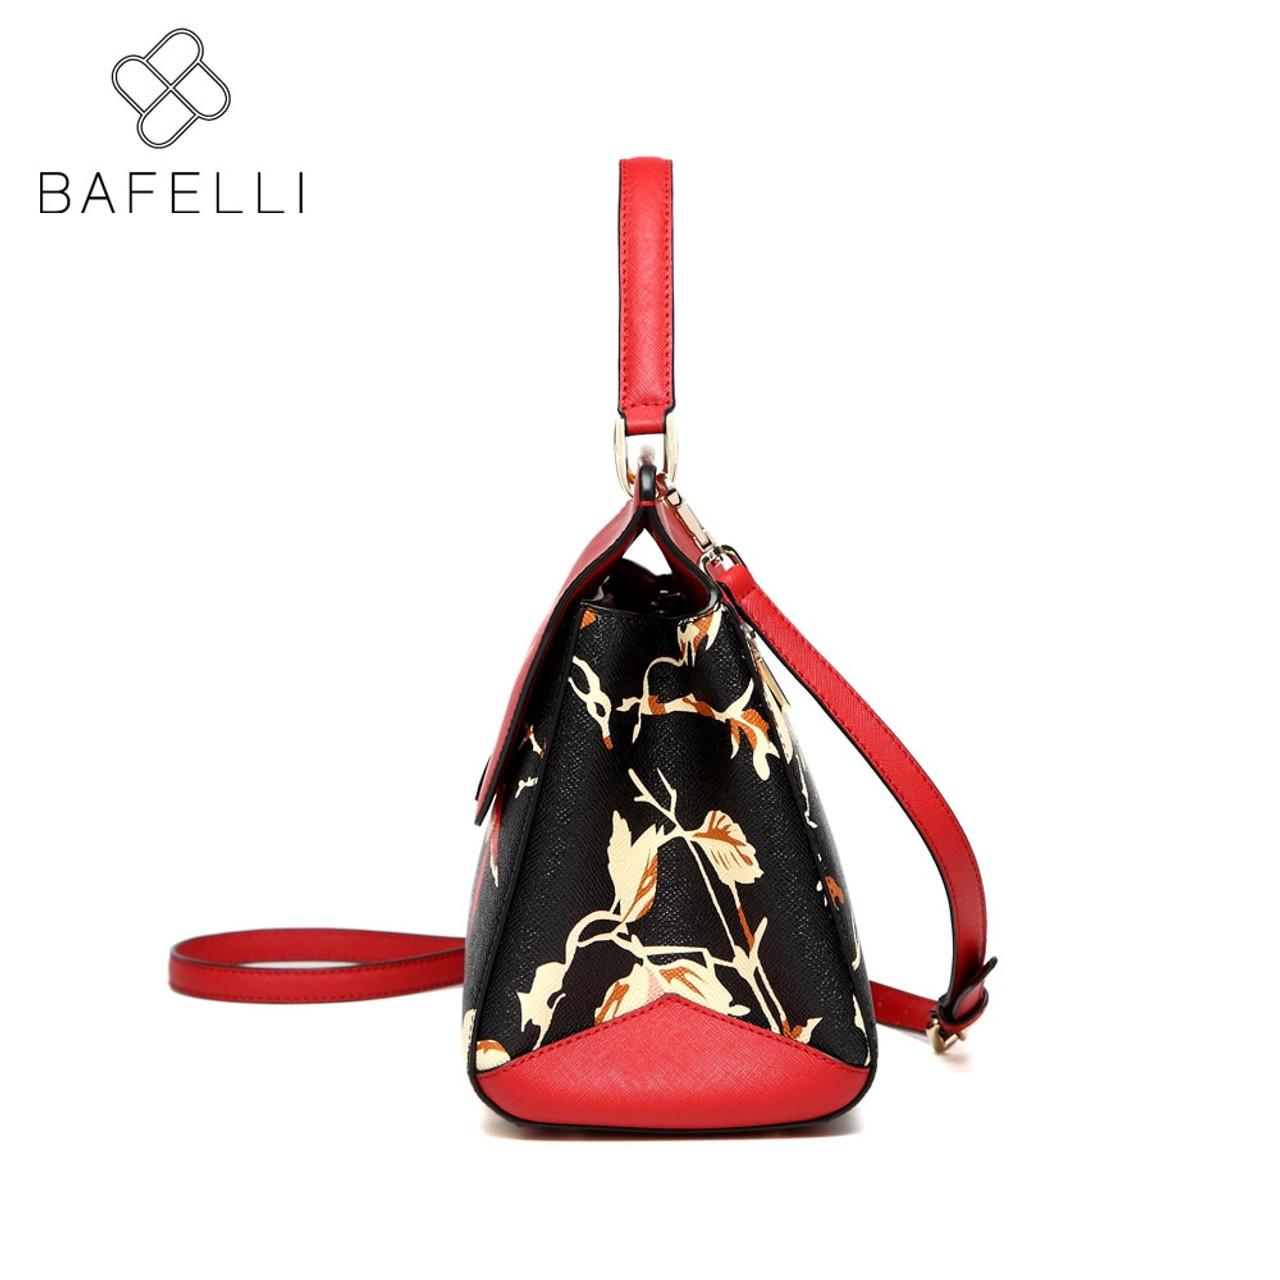 e912d02f7e ... BAFELLI split leather bags for women 2018 Large capacity luxury handbags  women bags designer shoulder Bag ...